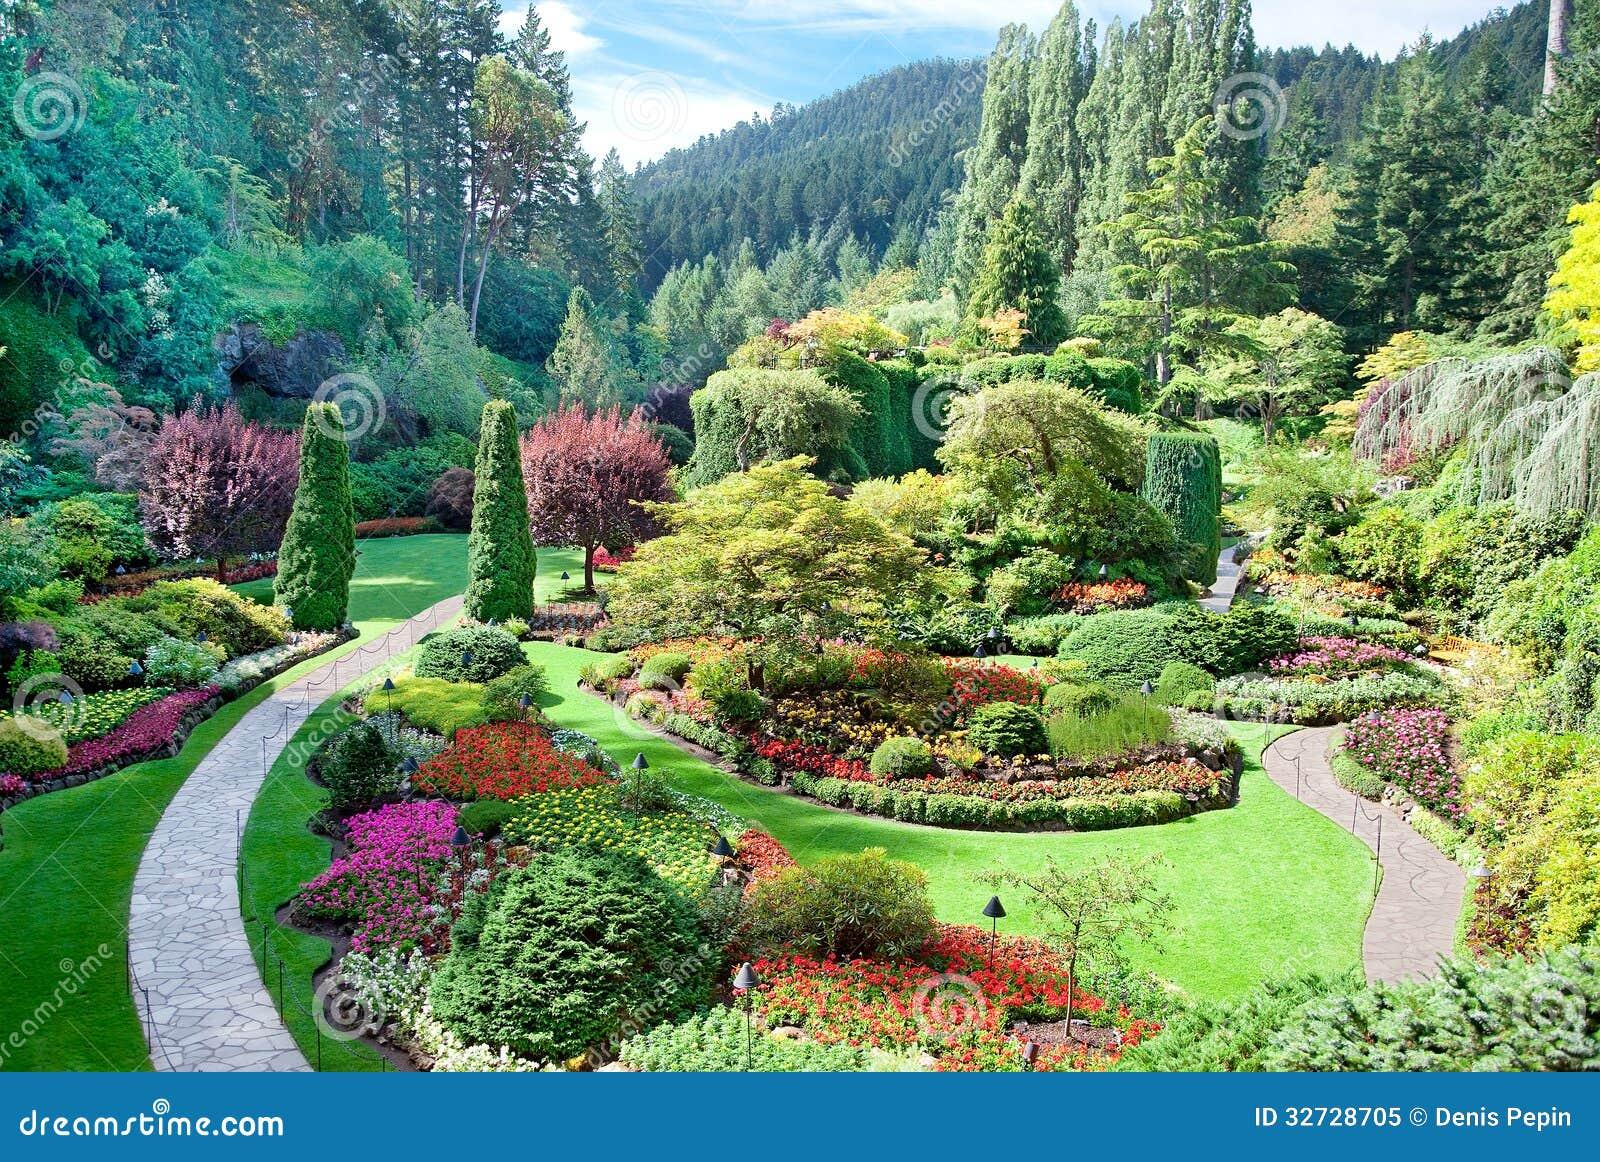 Sunken garden at butchart gardens central saanich for Garden design victoria bc